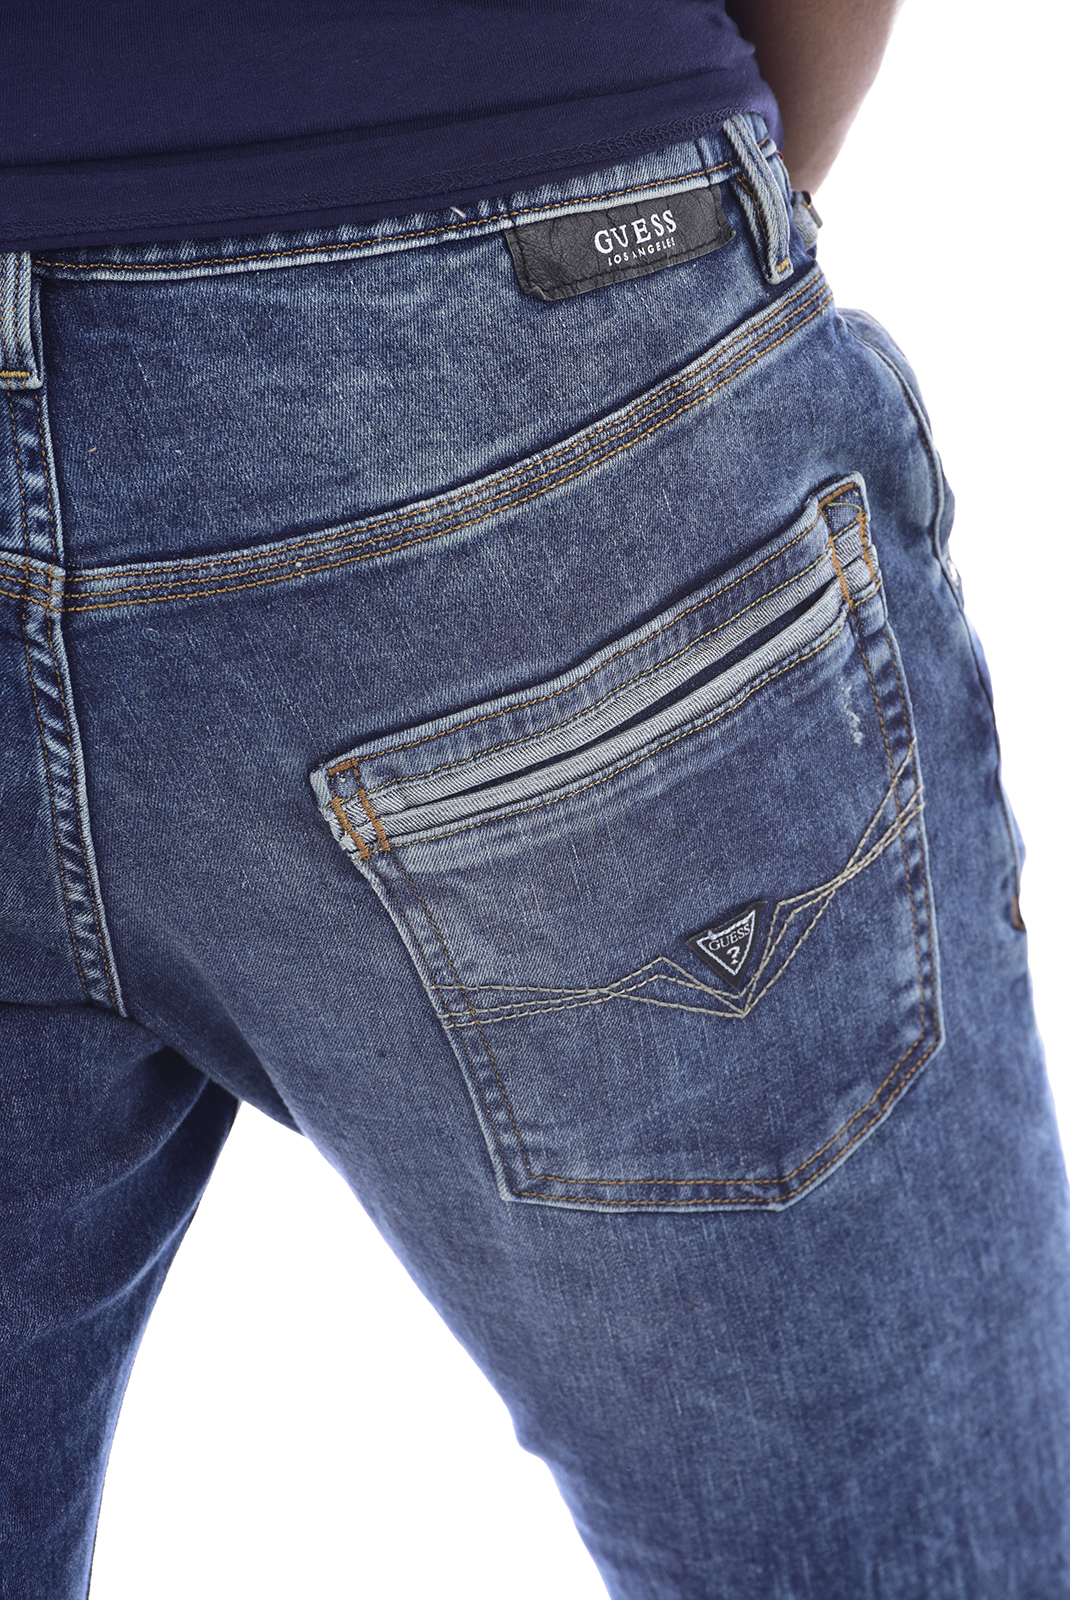 régular  Guess jeans M81A05D2YV0 cliff OKAY